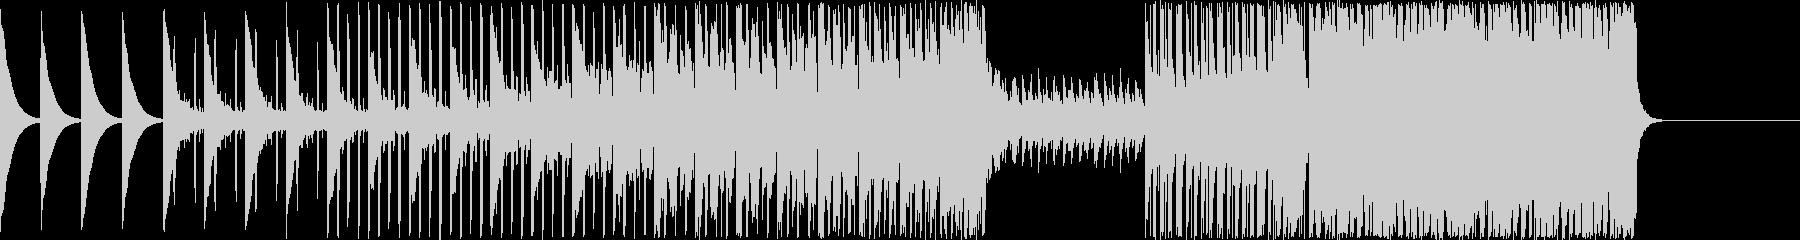 四つ打ちEDMの未再生の波形